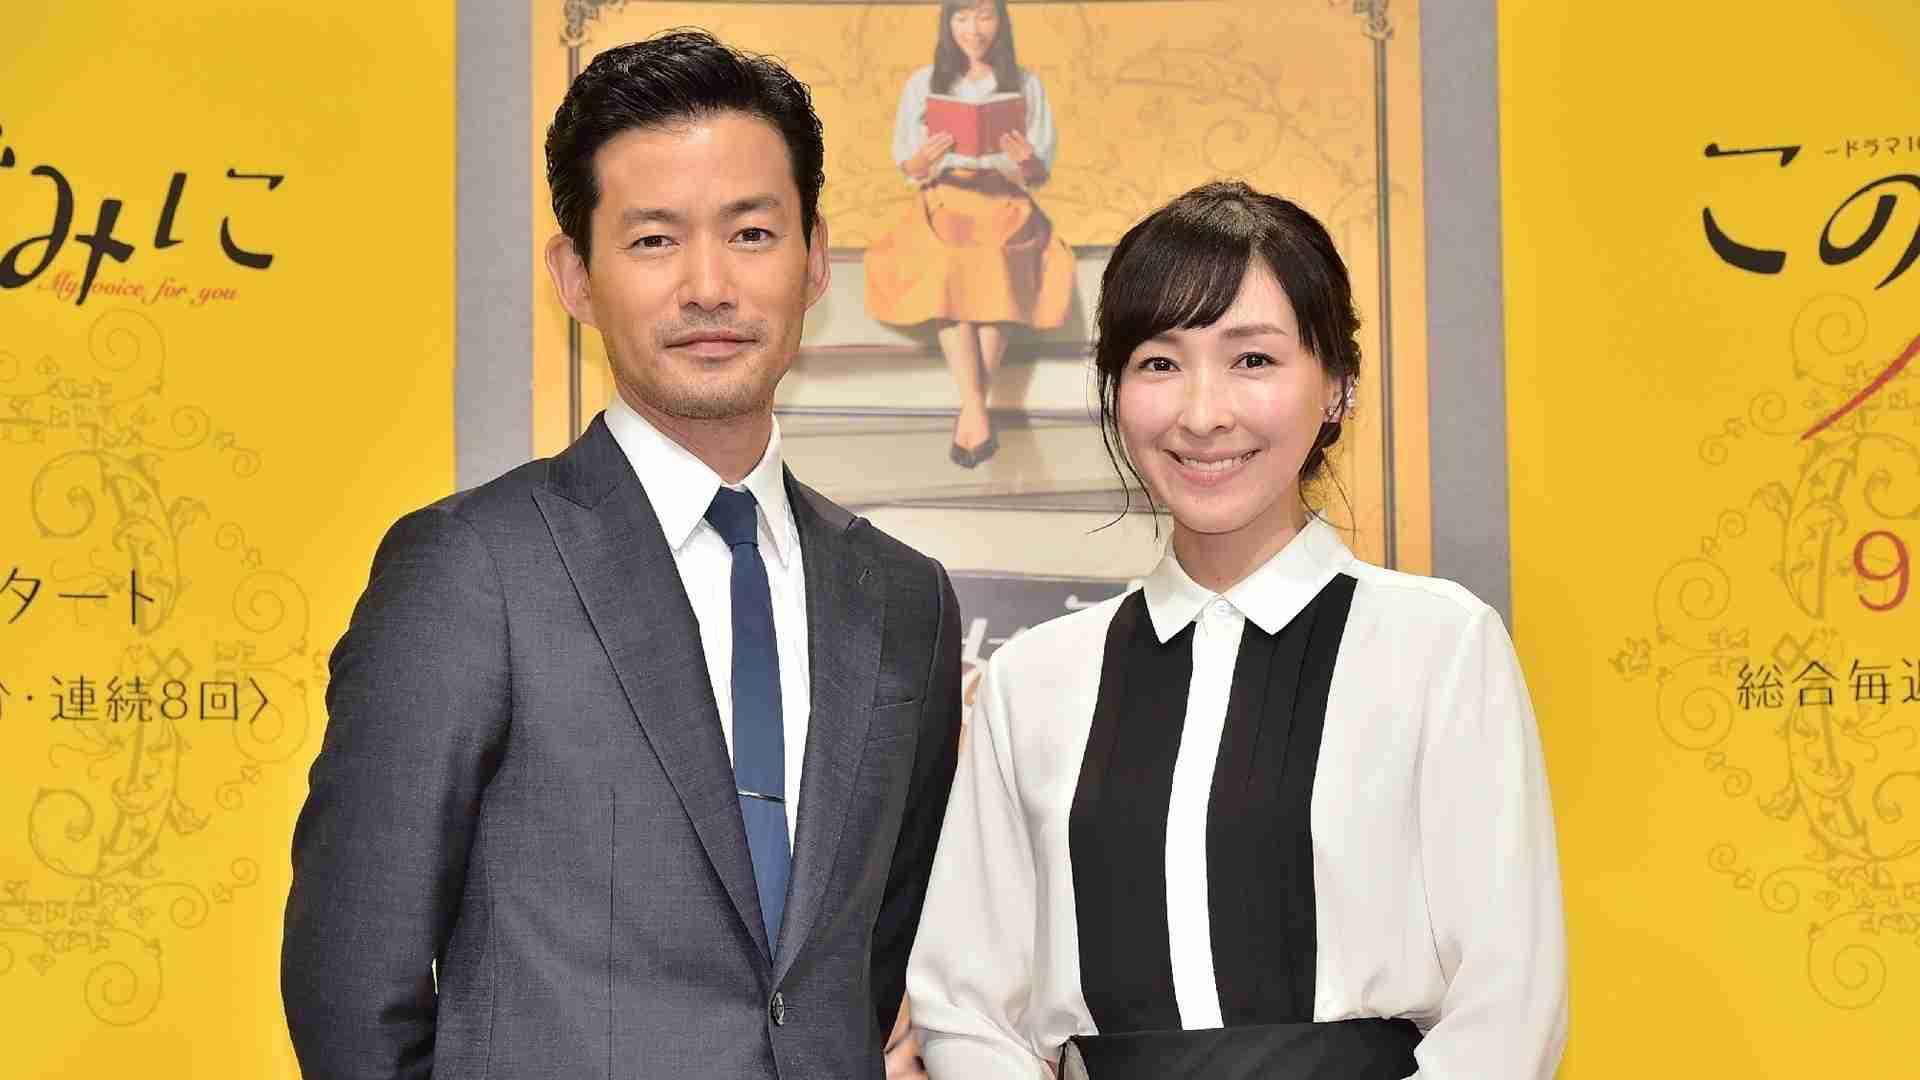 竹野内豊がNHKドラマに初主演。朗読を題材にした『この声をきみに』は中年男性の「ぽっかり」を埋める。(成馬零一) - 個人 - Yahoo!ニュース